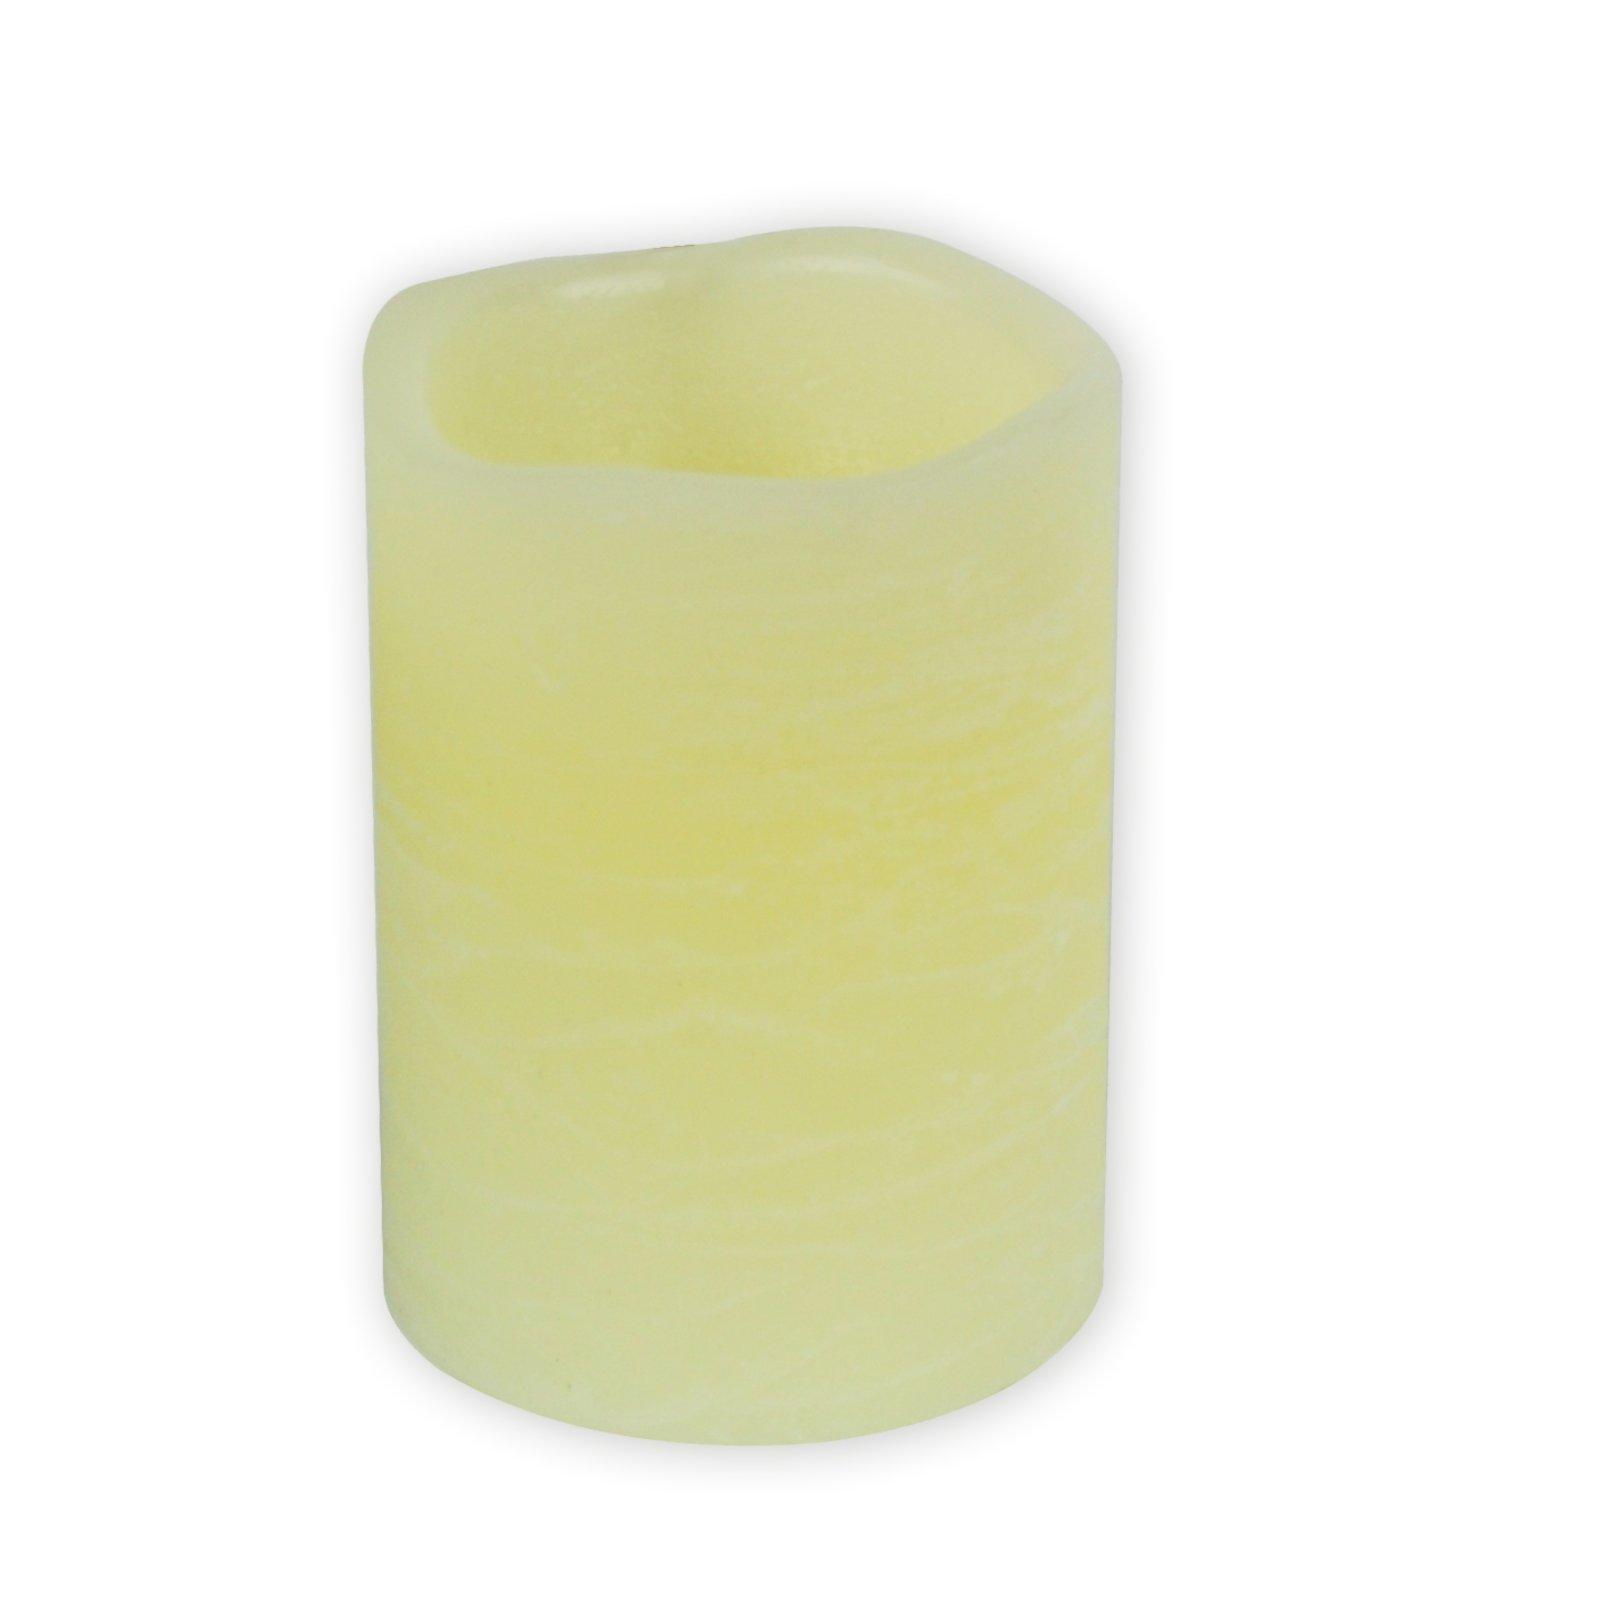 LED-Kerze - creme - mit Flackereffekt - 10 cm